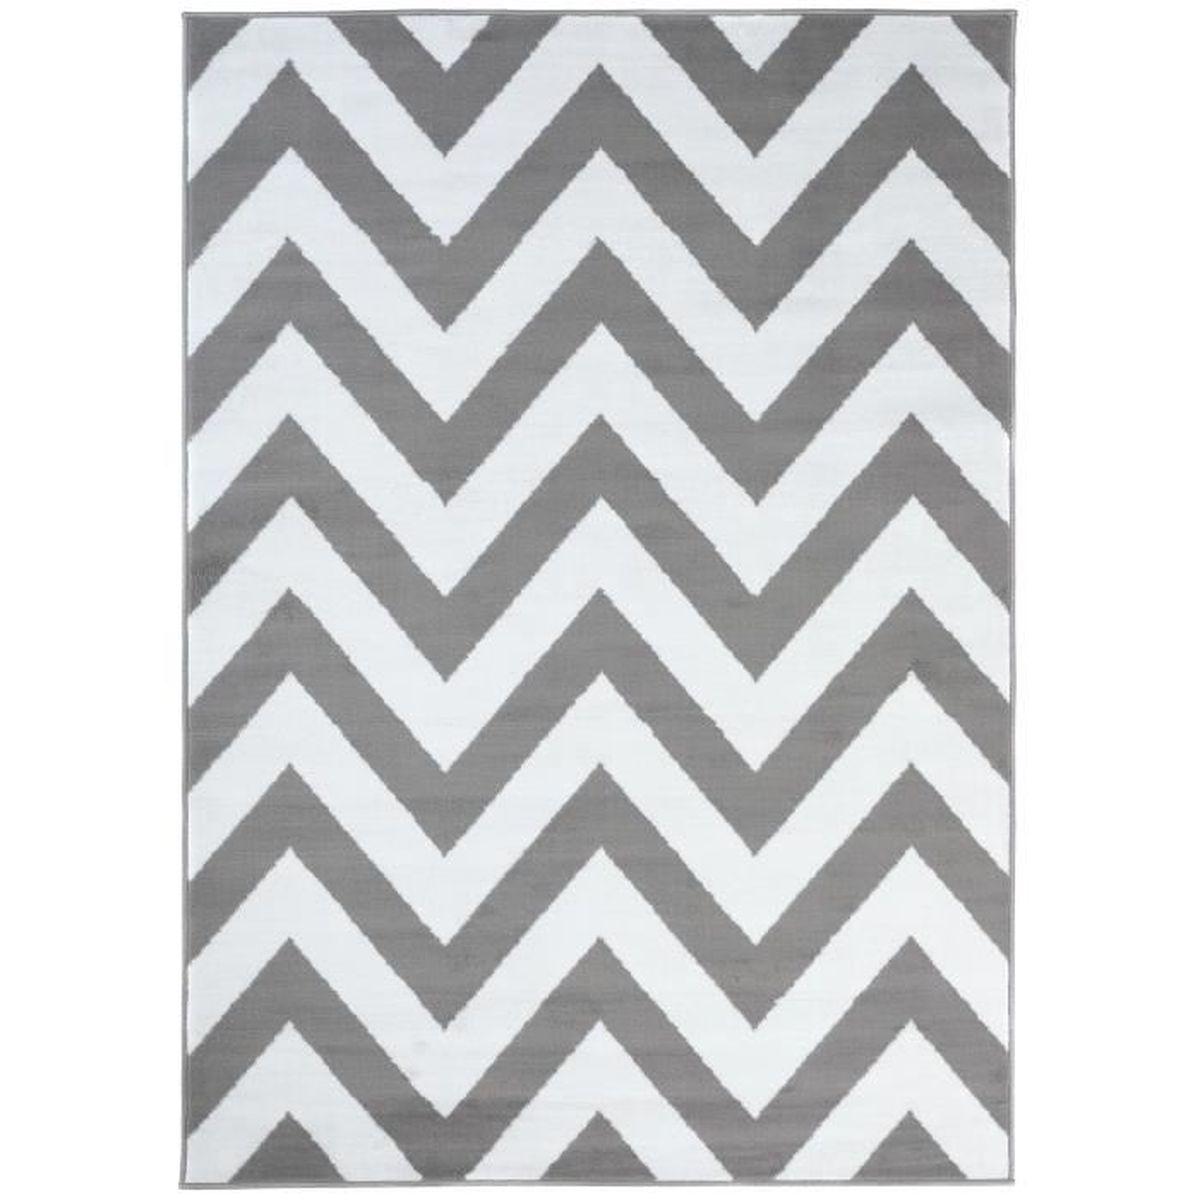 TAPISO Luxury Tapis de Salon Chambre Ado Design Moderne Gris Clair Blanc  Motif Zigzags Fin Très Doux 200 x 300 cm